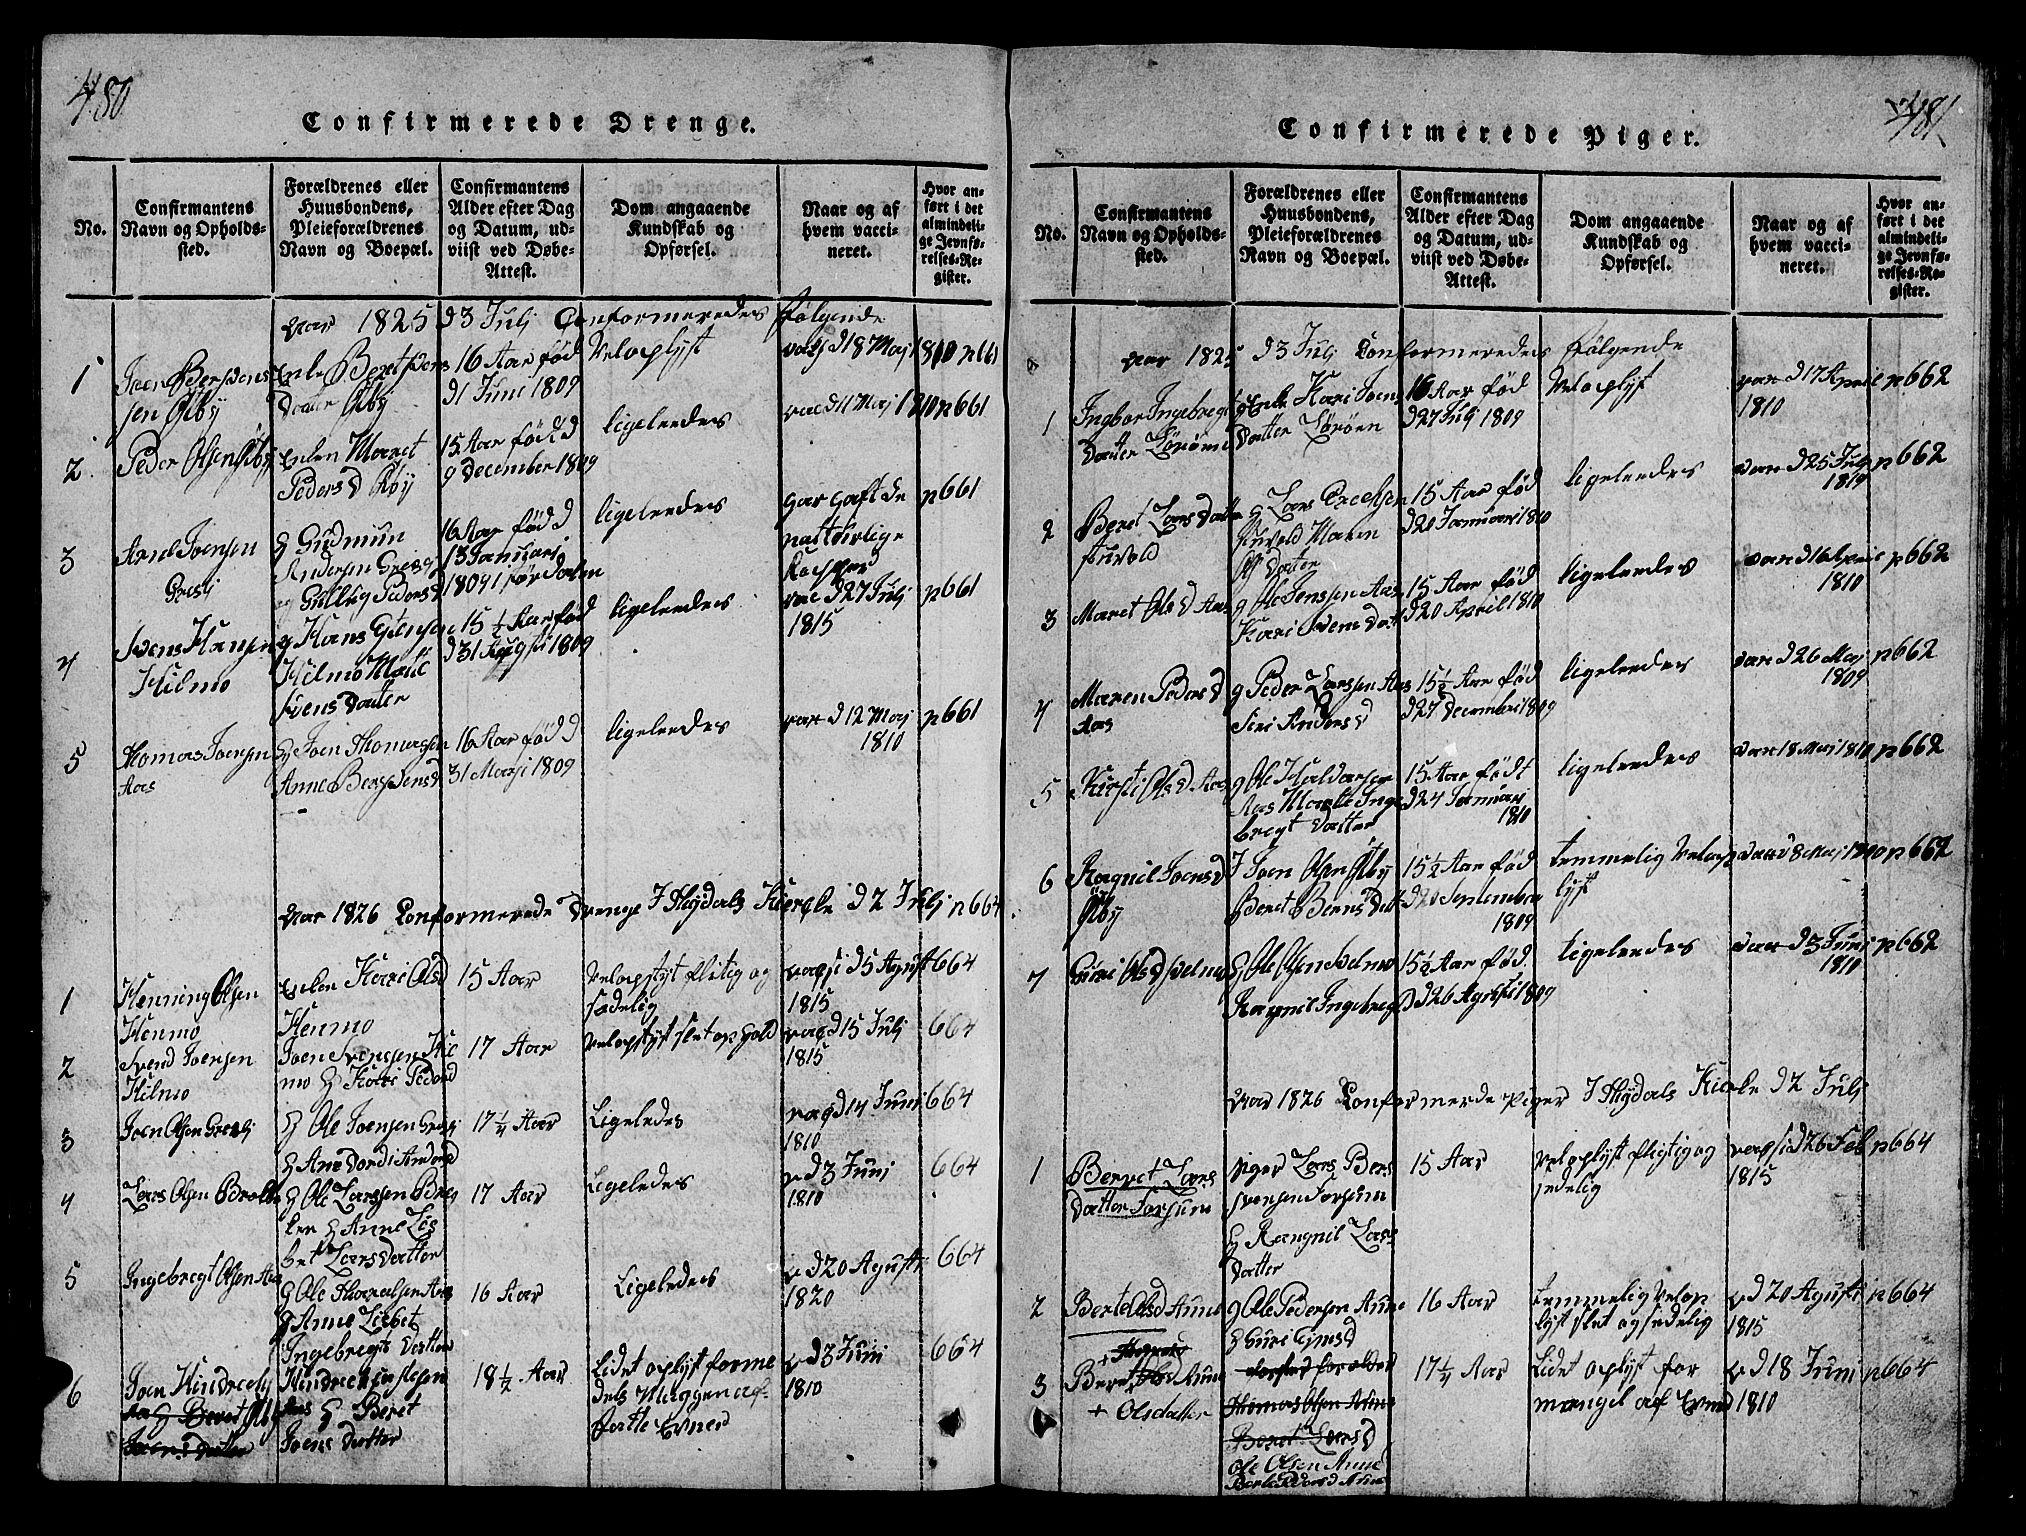 SAT, Ministerialprotokoller, klokkerbøker og fødselsregistre - Sør-Trøndelag, 698/L1164: Klokkerbok nr. 698C01, 1816-1861, s. 480-481